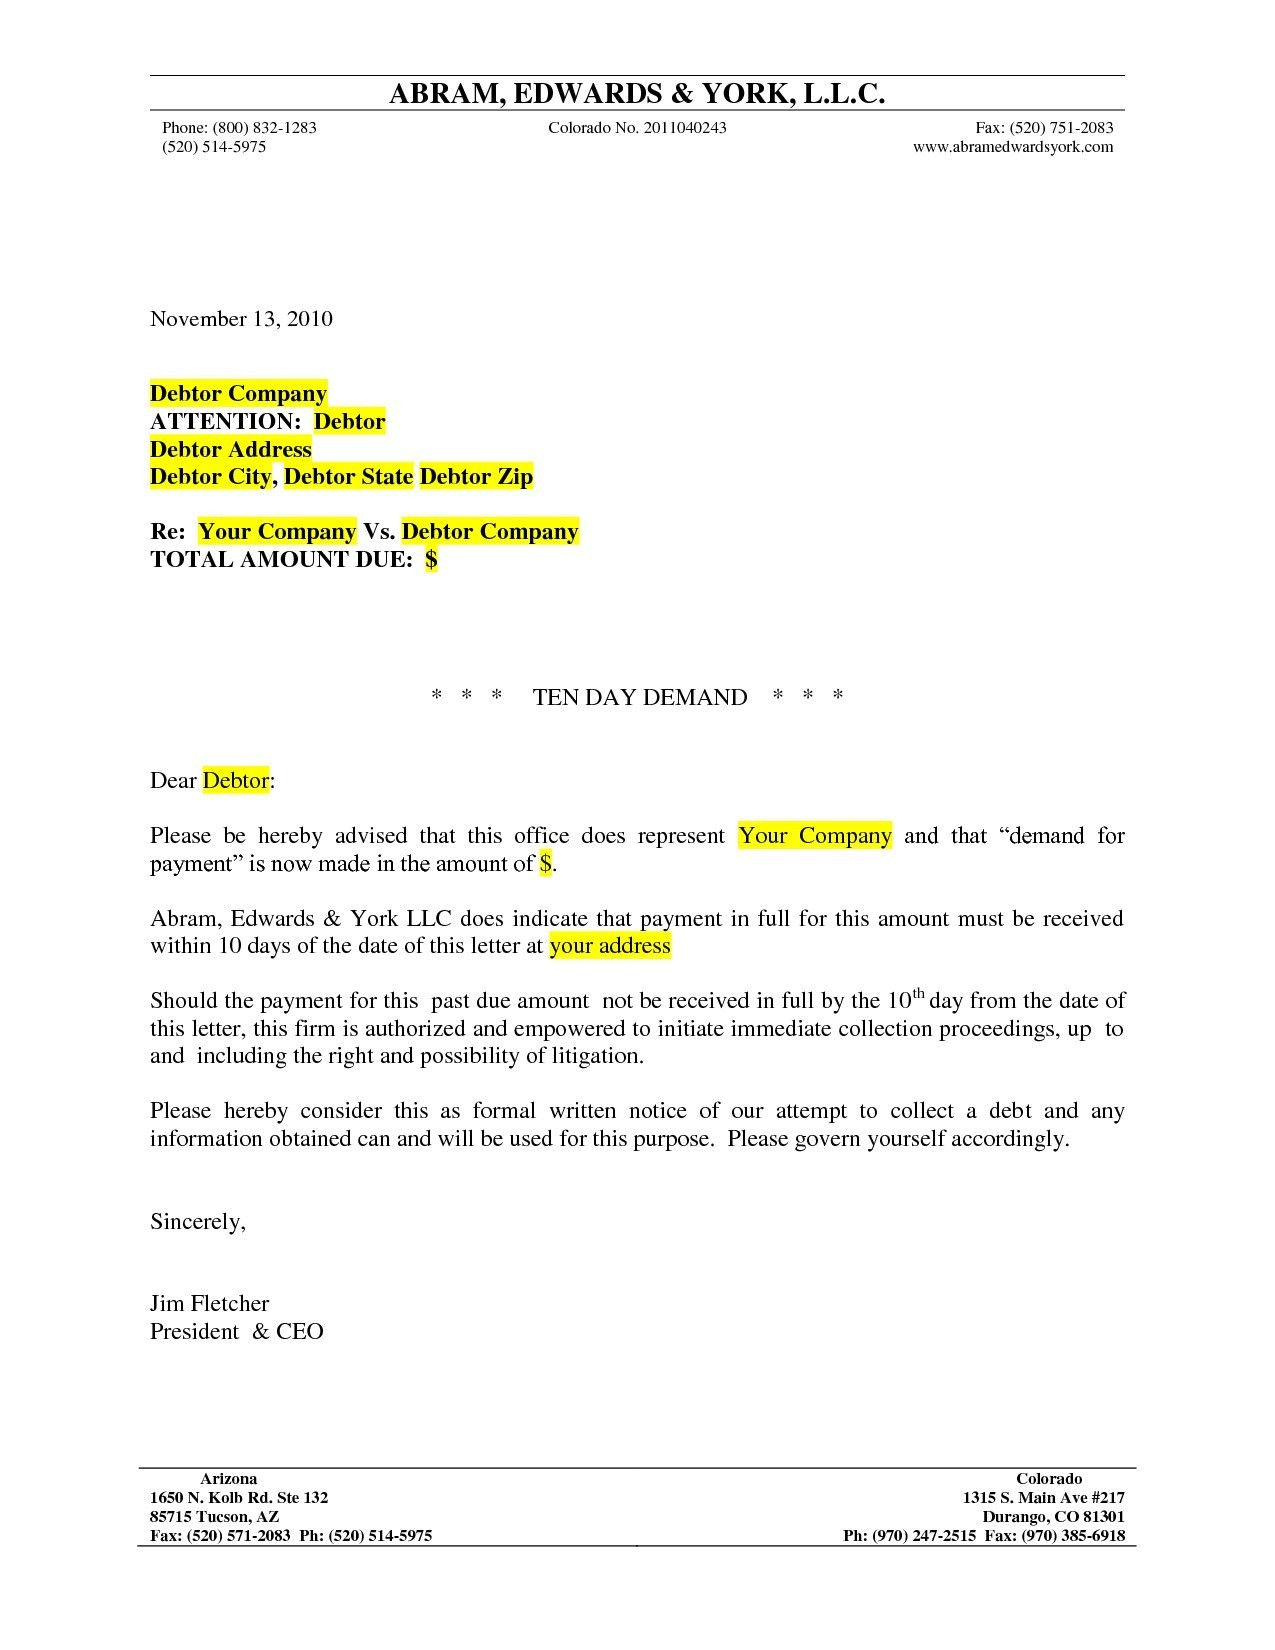 Lien Demand Letter Template - formal Letter format Legal Best Lawyer Demand Letter Sample formal